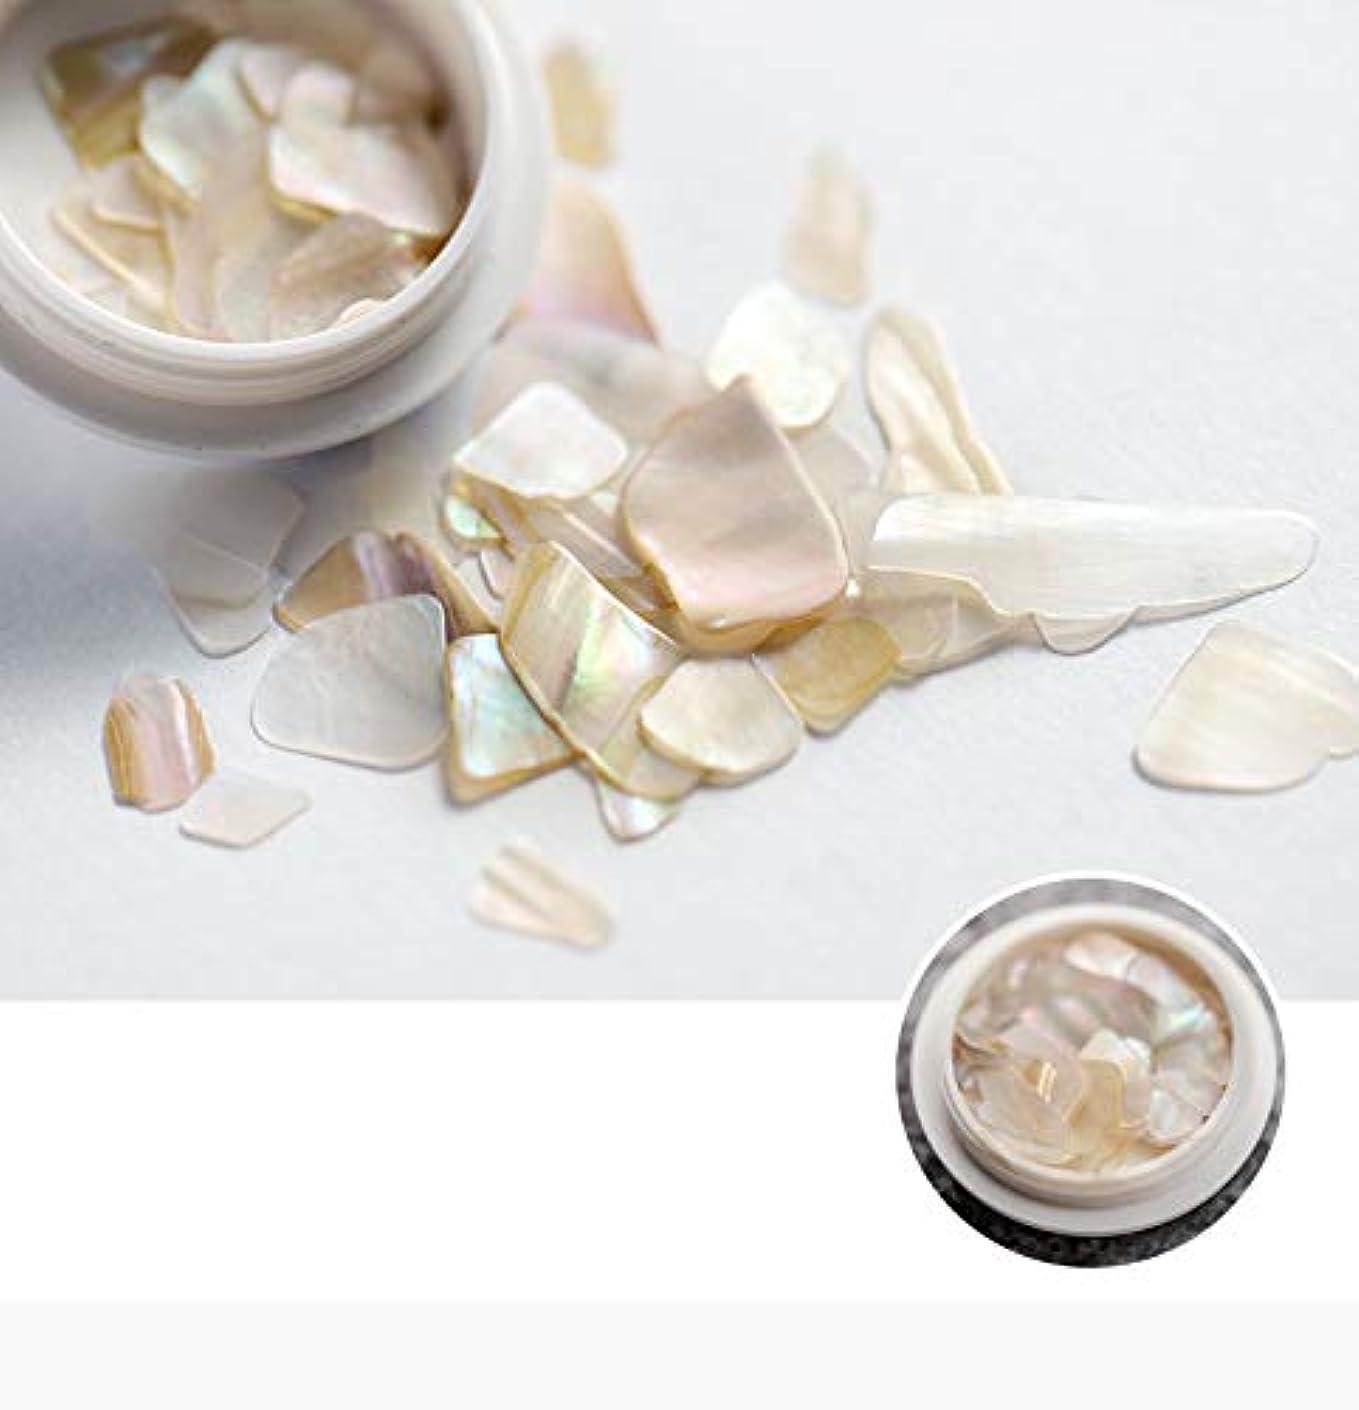 実り多いかわいらしい研磨剤ネイル石パーツ ネイル貝殻風 シェル 貝 レジン ジェルネイル ネイルアート ネイルパーツ (6)